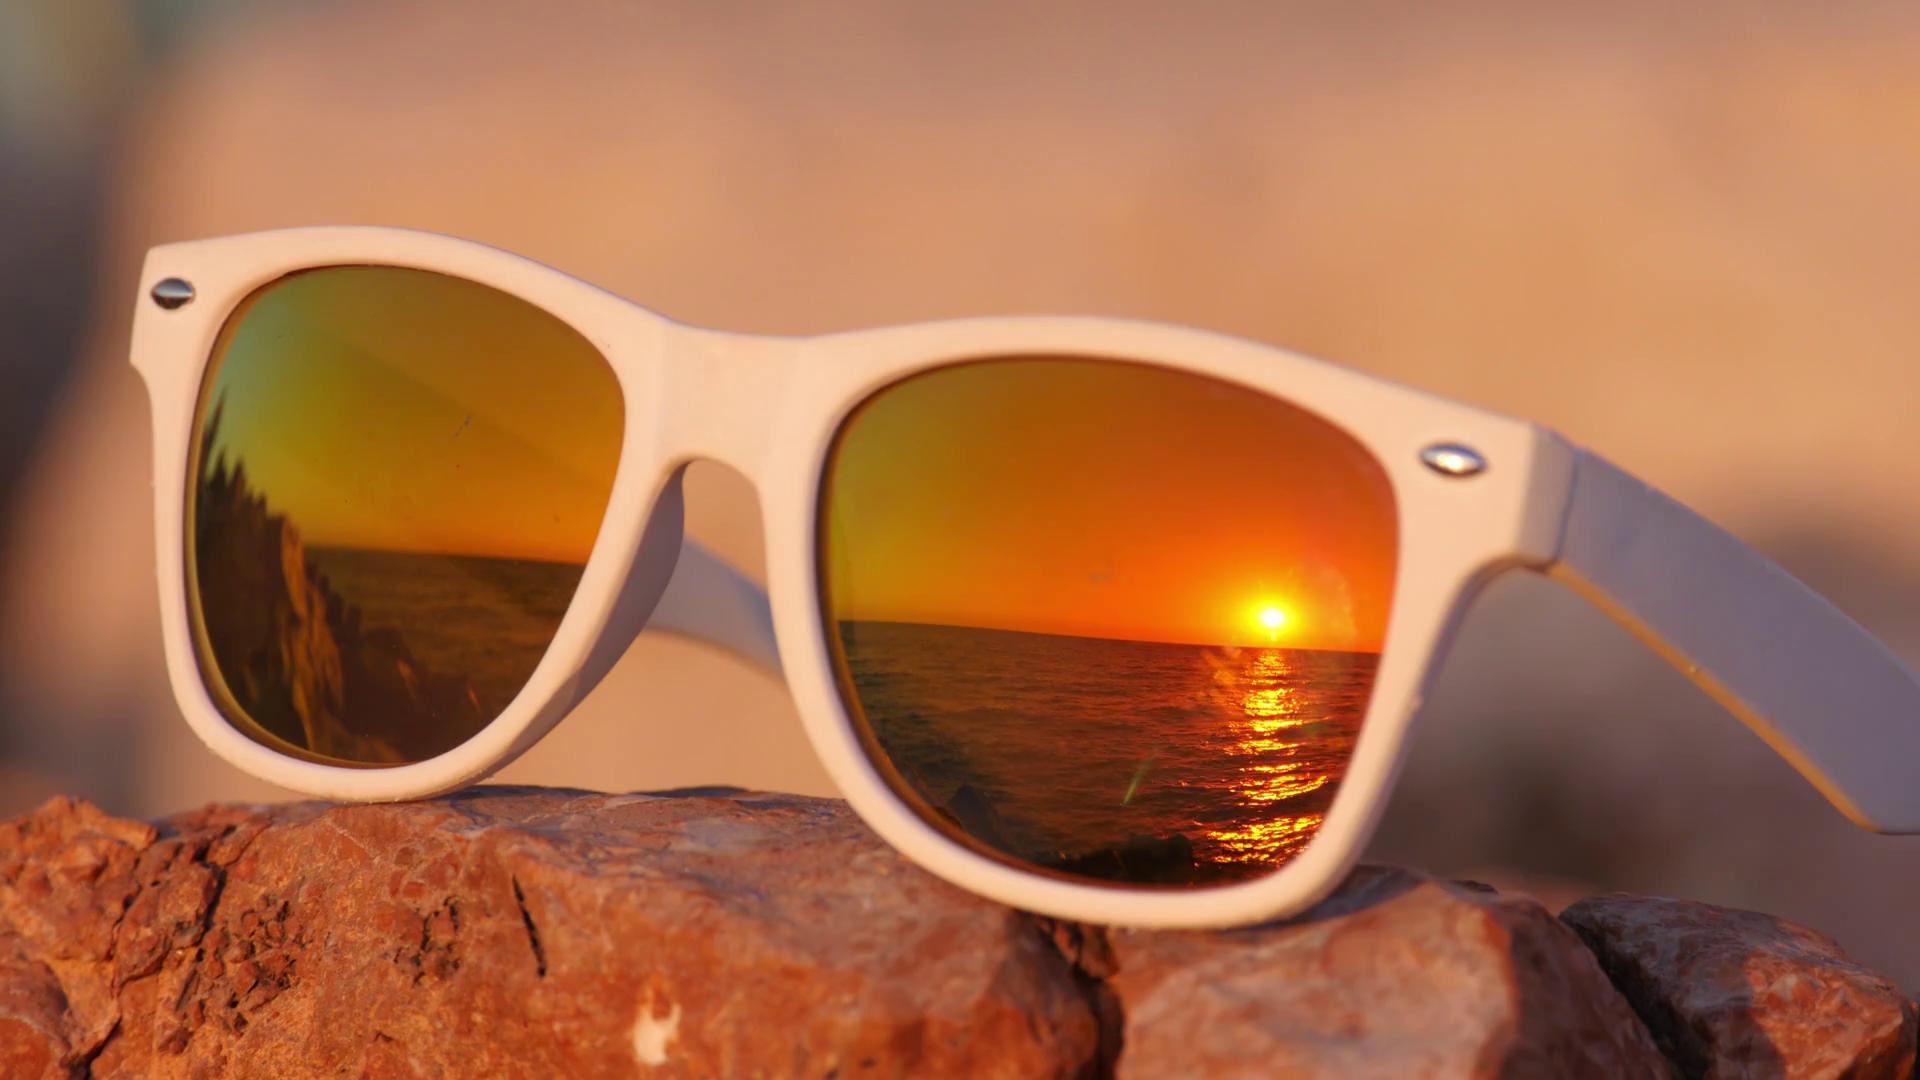 لماذا يجب أن نرتدي النظارات الشمسية أثناء القيادة في النهار؟